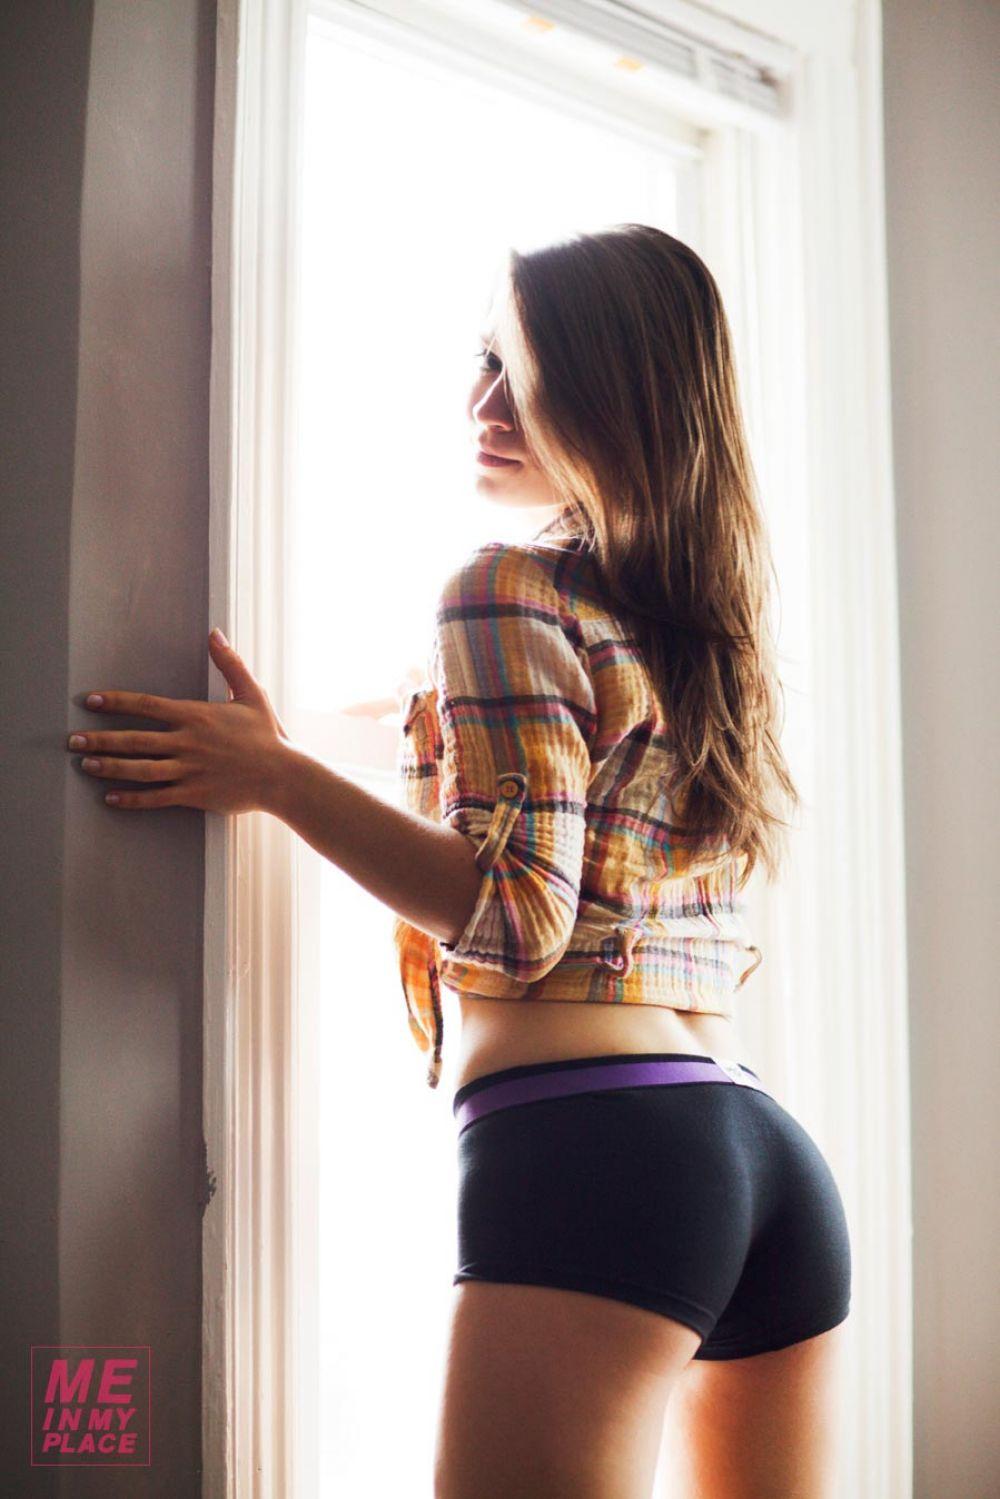 некоторое время клевые обтягивающие шортики на девушках фото говорю